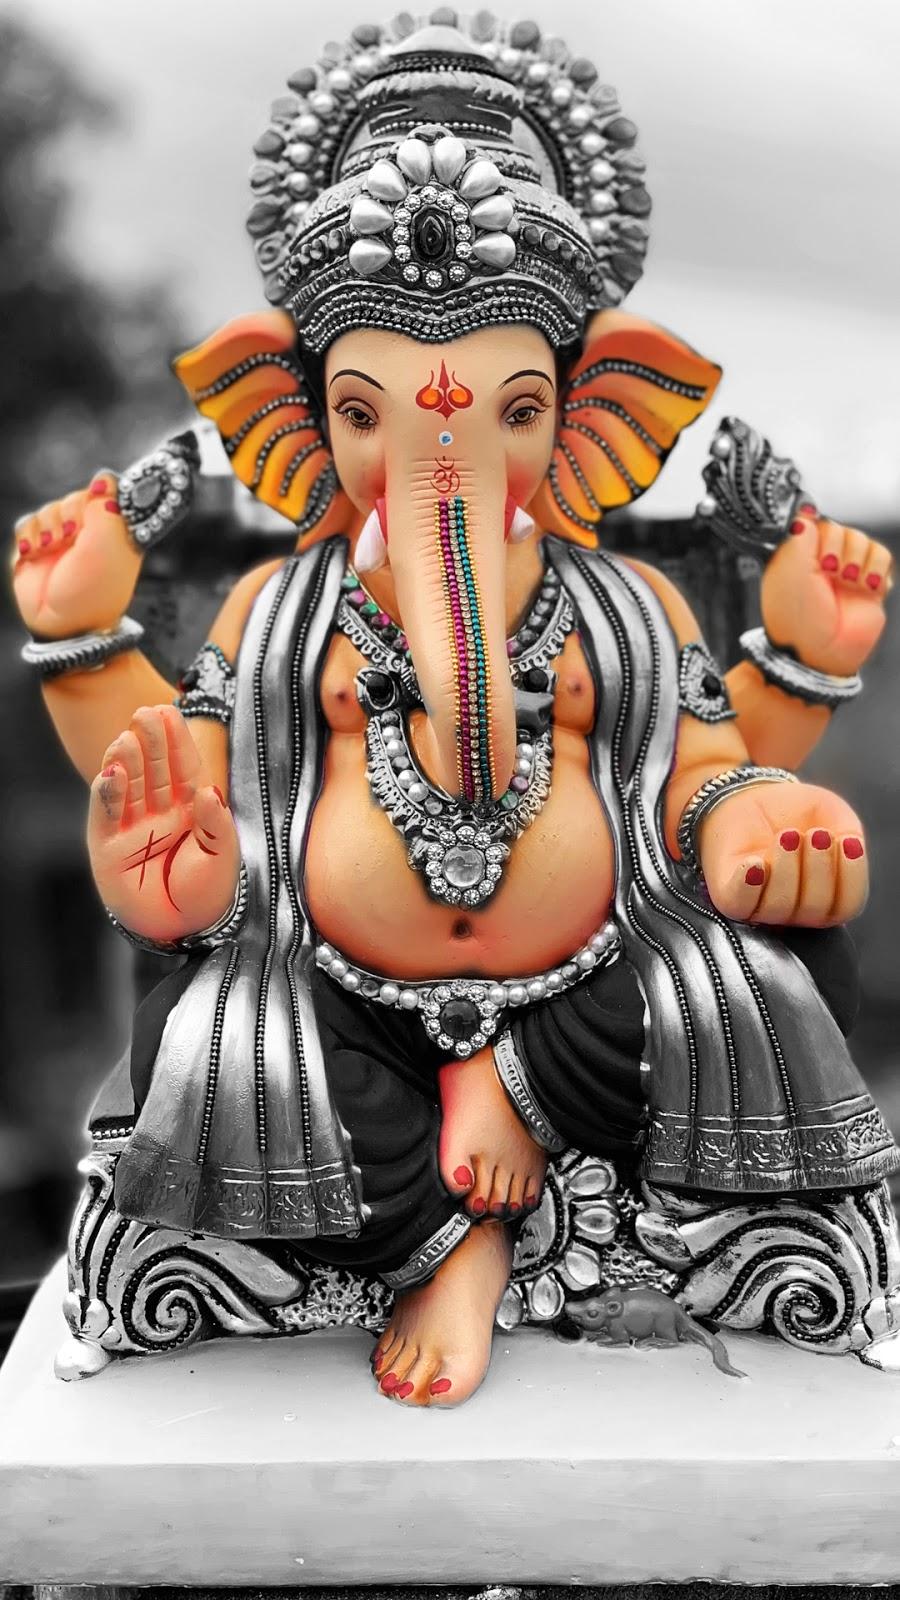 Lord Ganesha mobile image